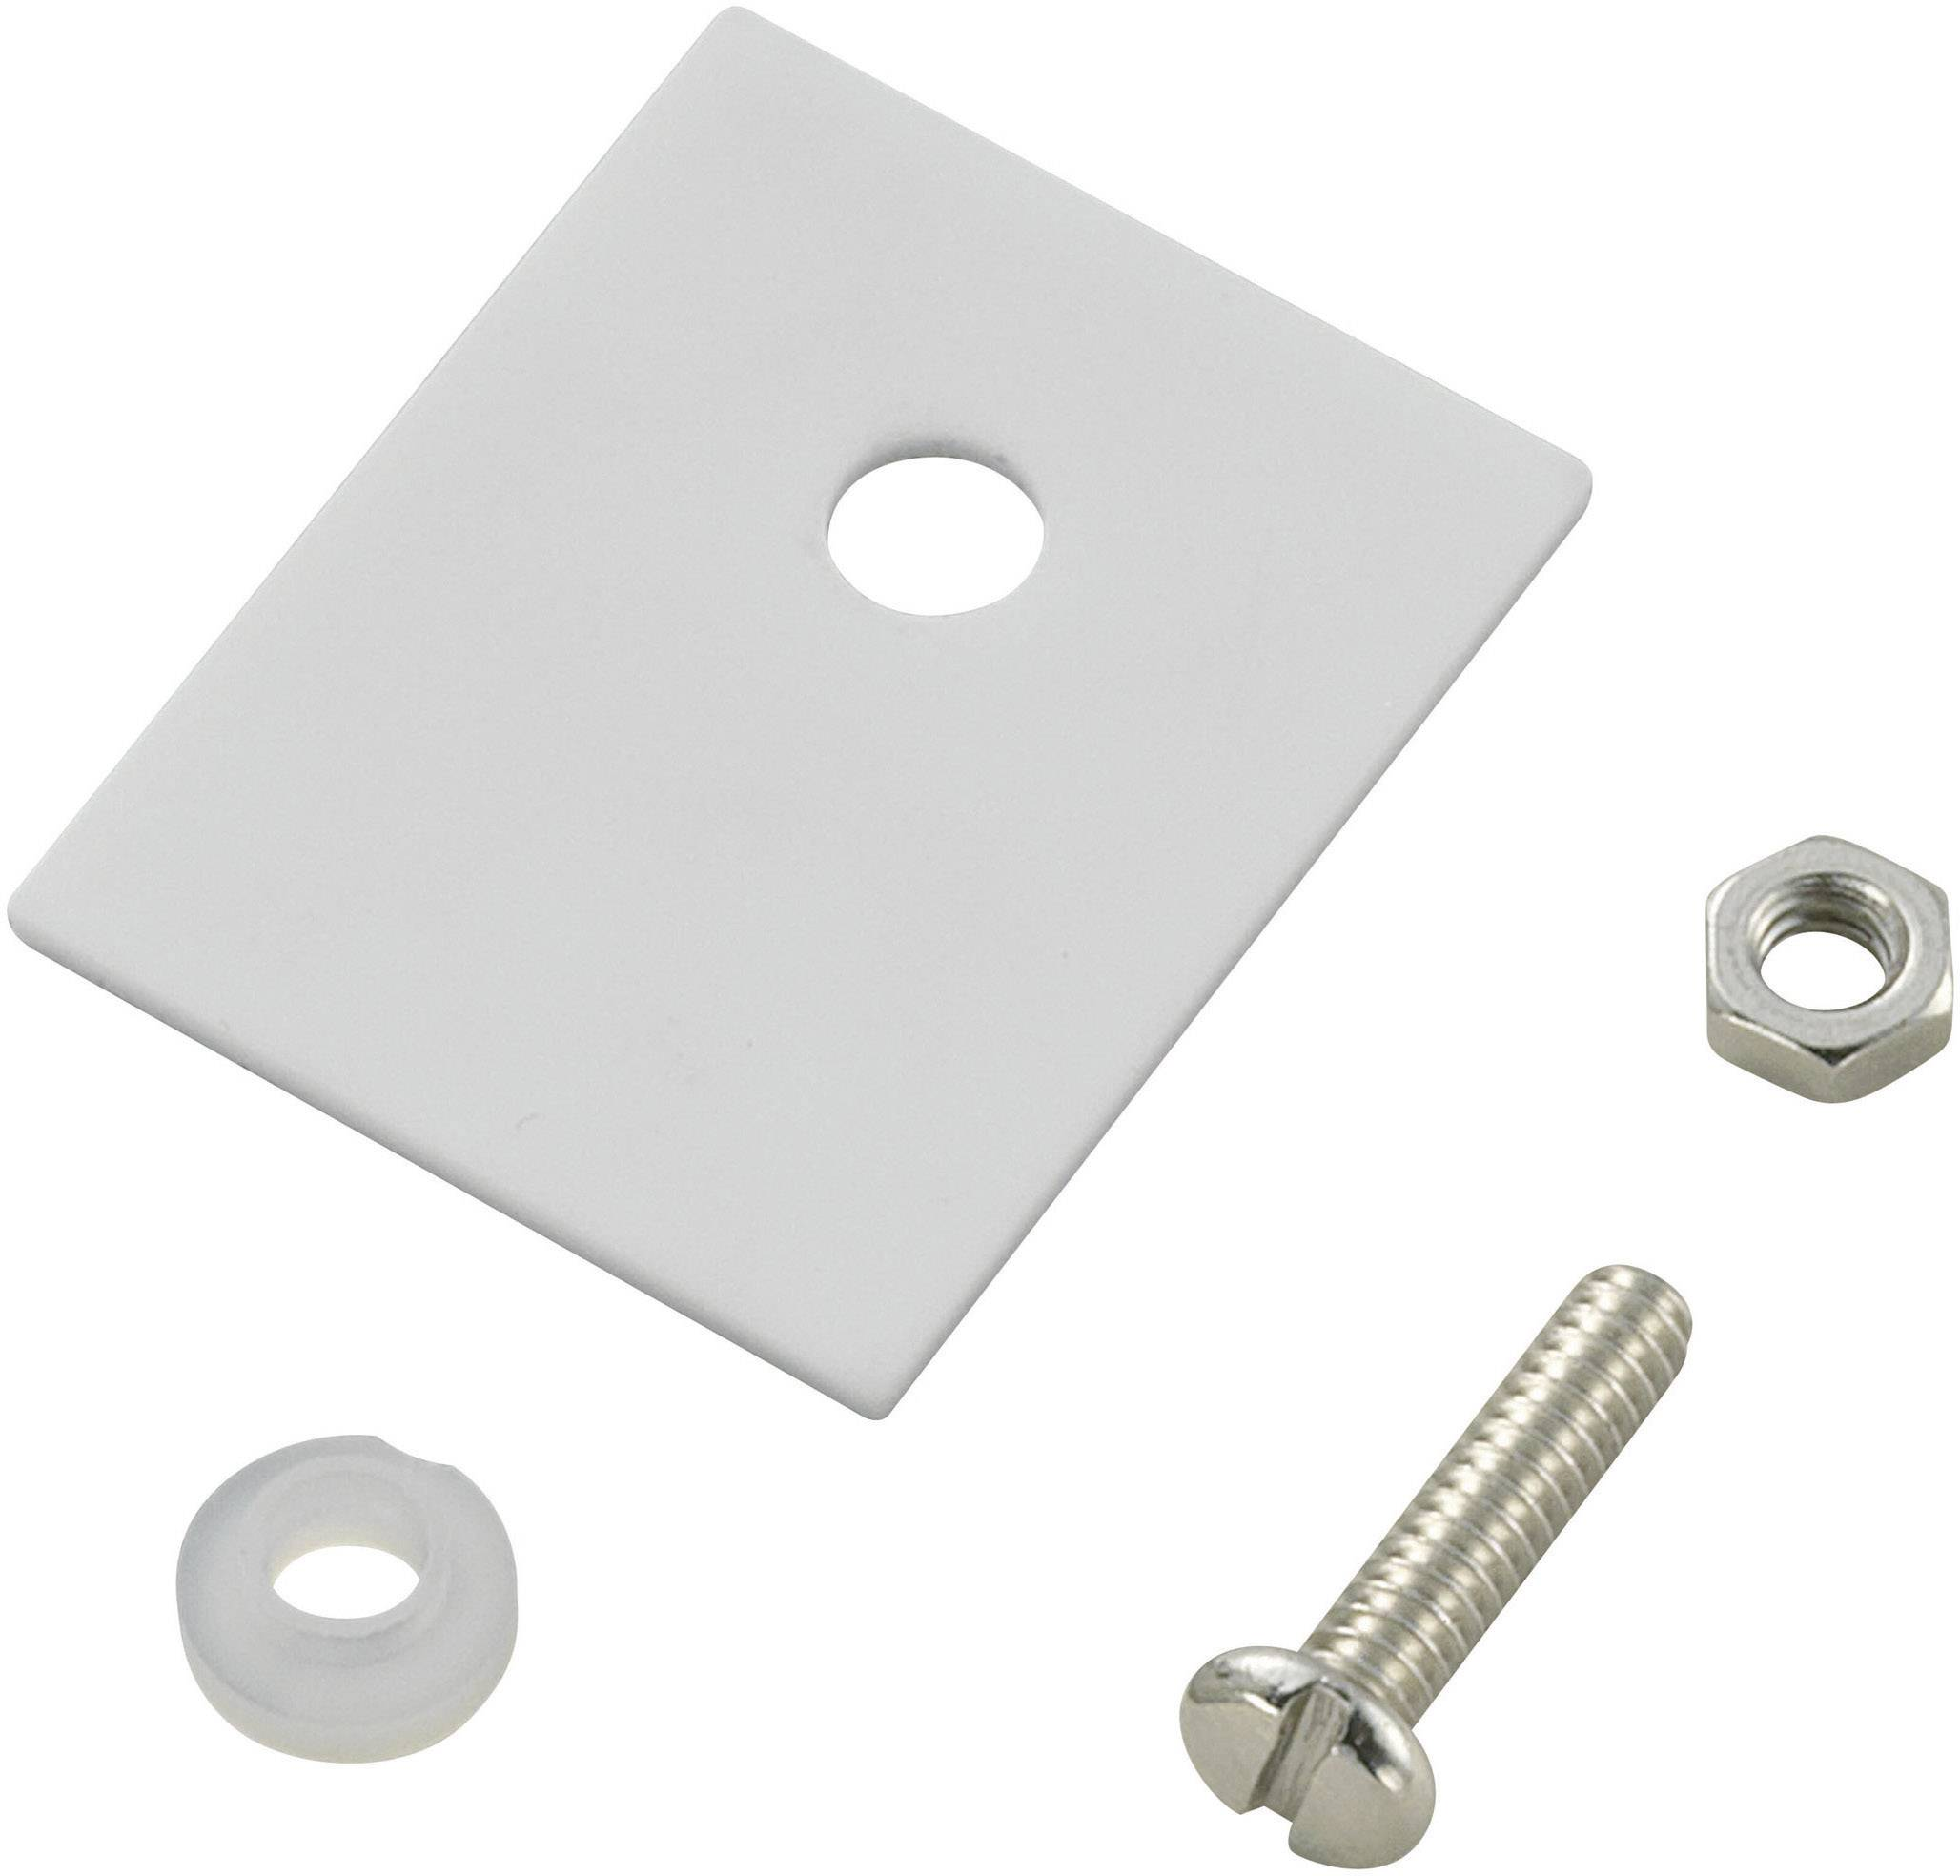 Sada montážneho materiálu pre polovodiče SCI A18-9E, (d x š) 22.3 mm x 15.2 mm, vhodné pro TO-247, 1 sada